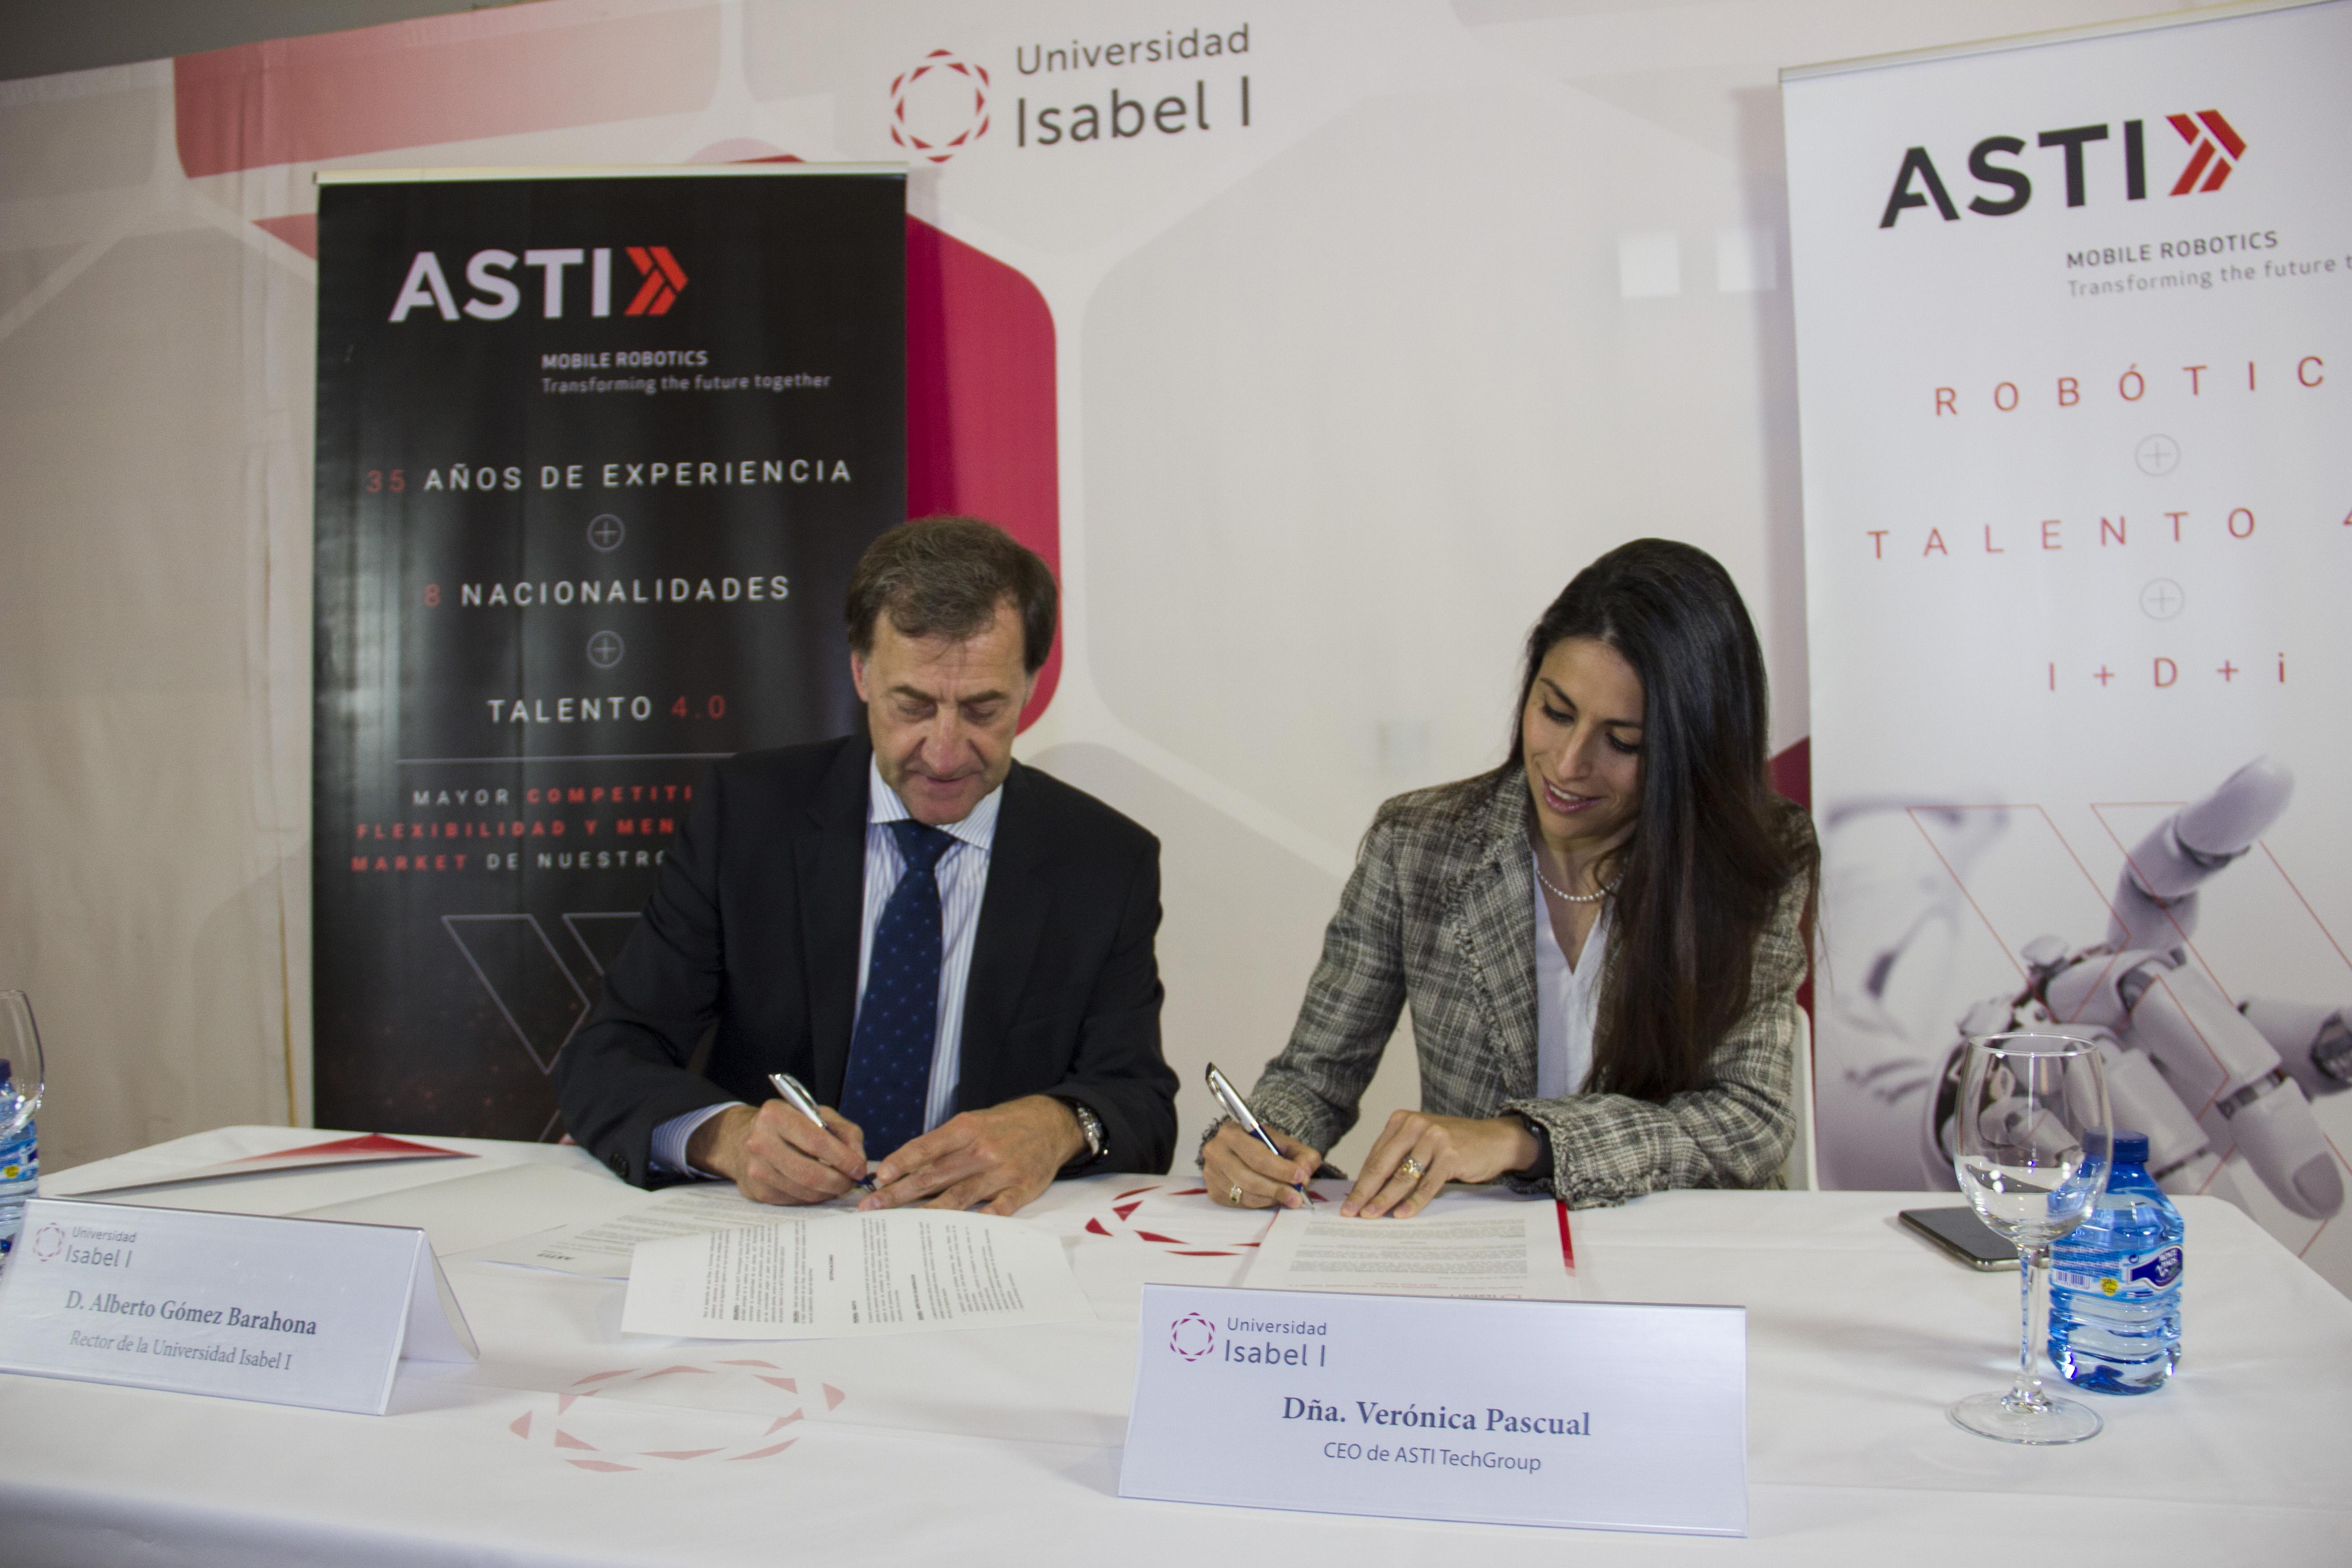 La Universidad Isabel I y ASTI TechGroup firman un convenio de colaboración en materia de formación, investigación y transferencia del conocimiento